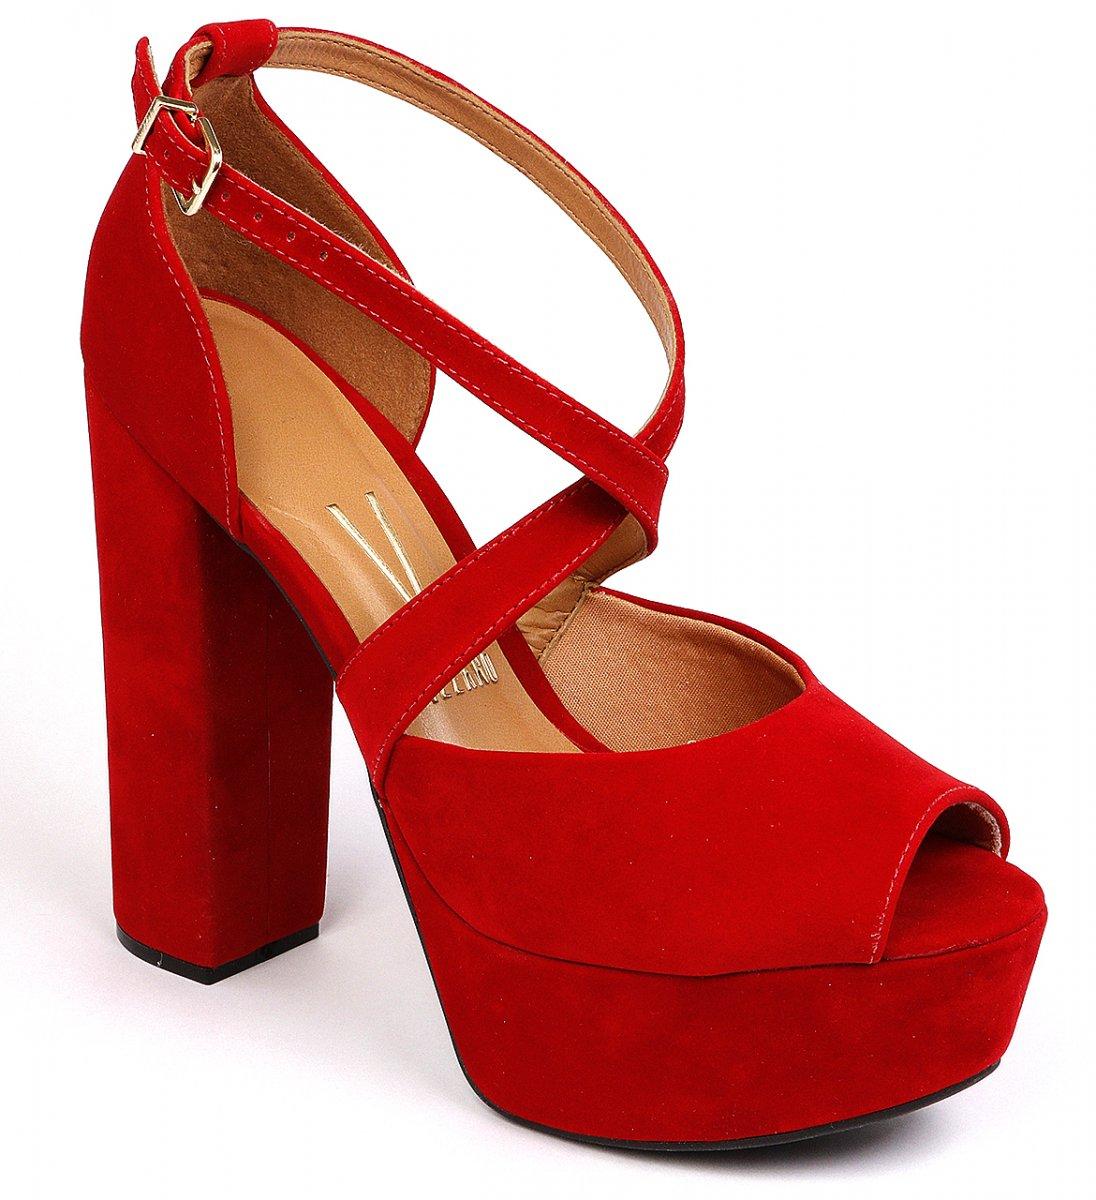 7c620ea2f0 Sandália Feminina Vizzano Salto Alto Tiras Vermelha 6282136 6282136 ...